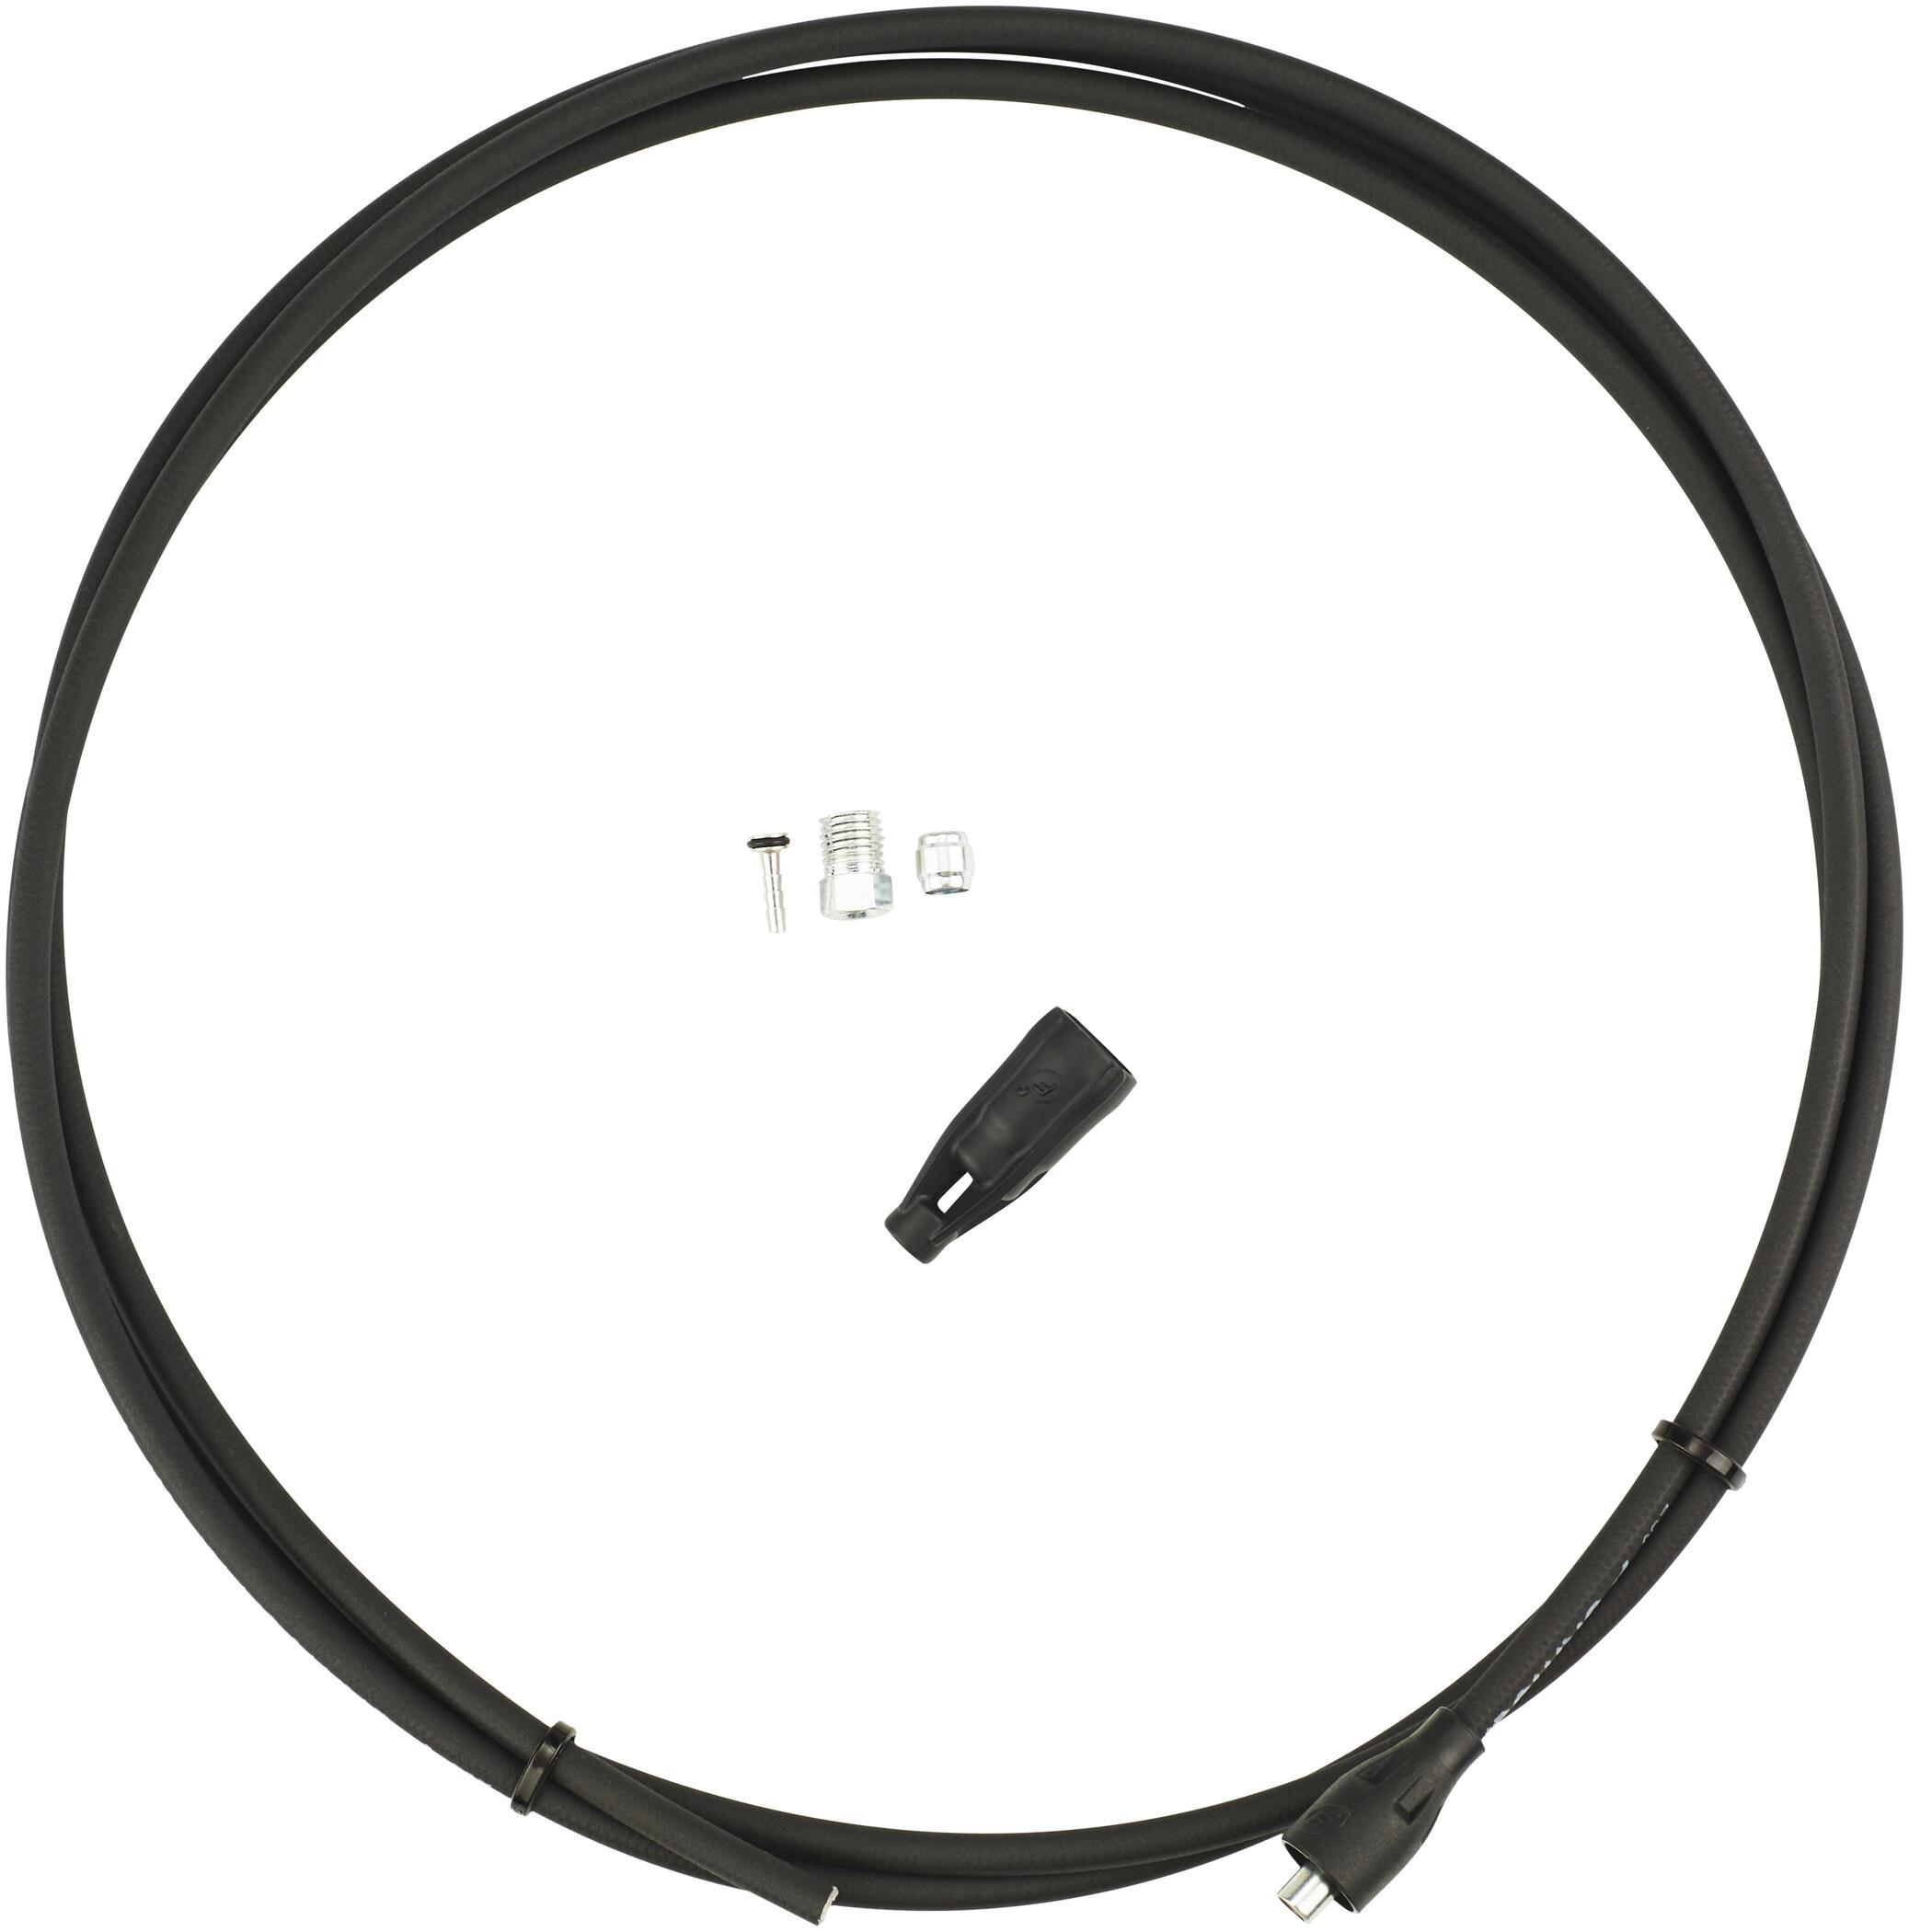 Formula Cura Bremseslange, matte black | Brake cables